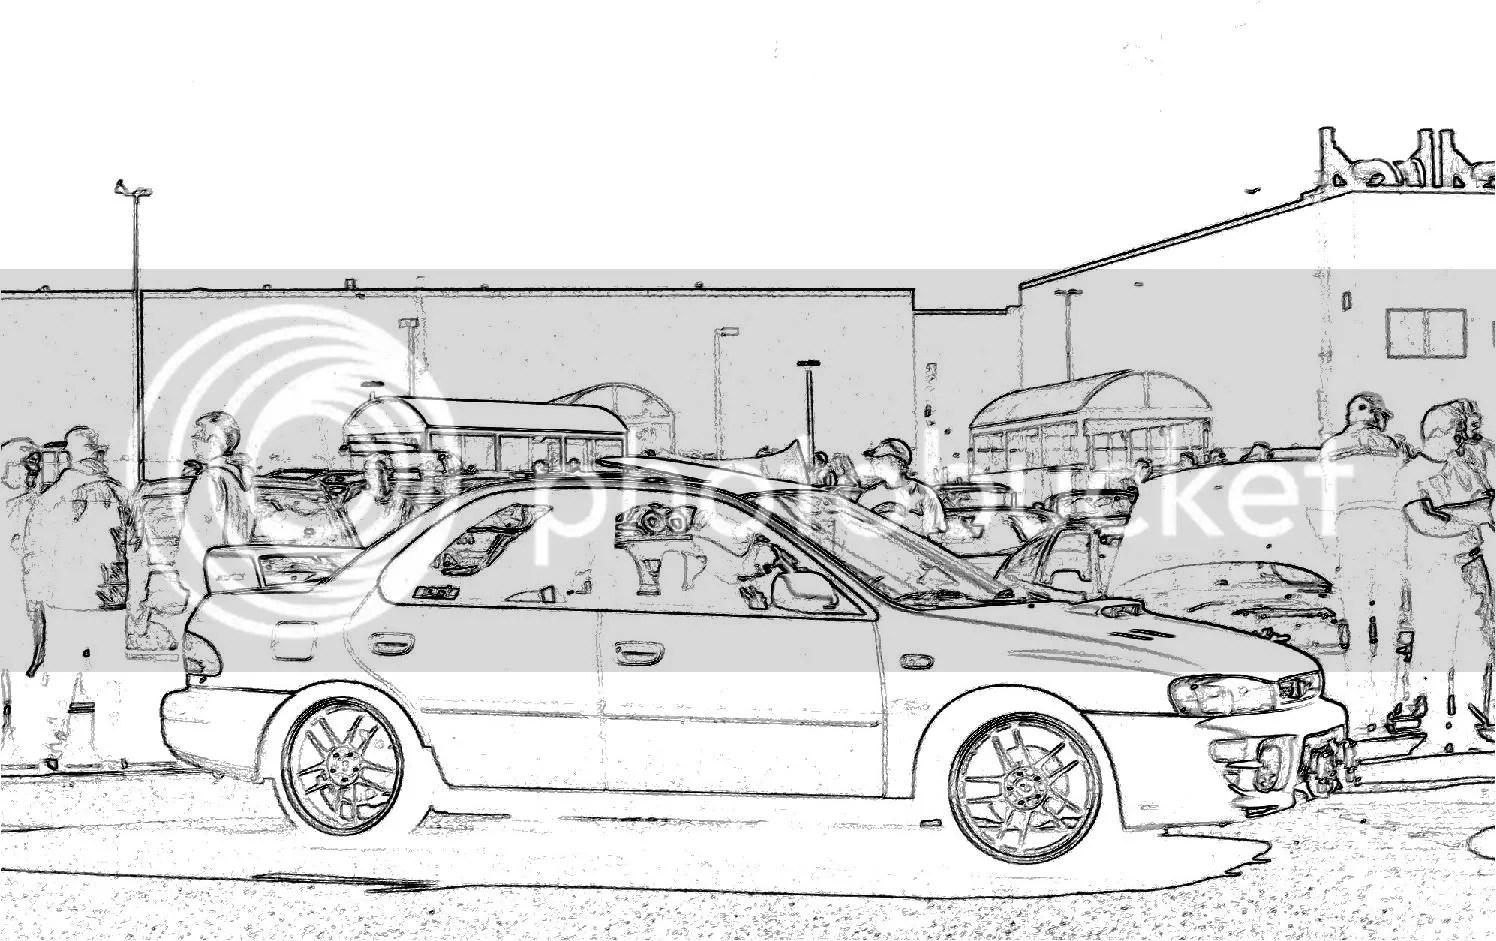 Need Gc8 Impreza Line Drawing